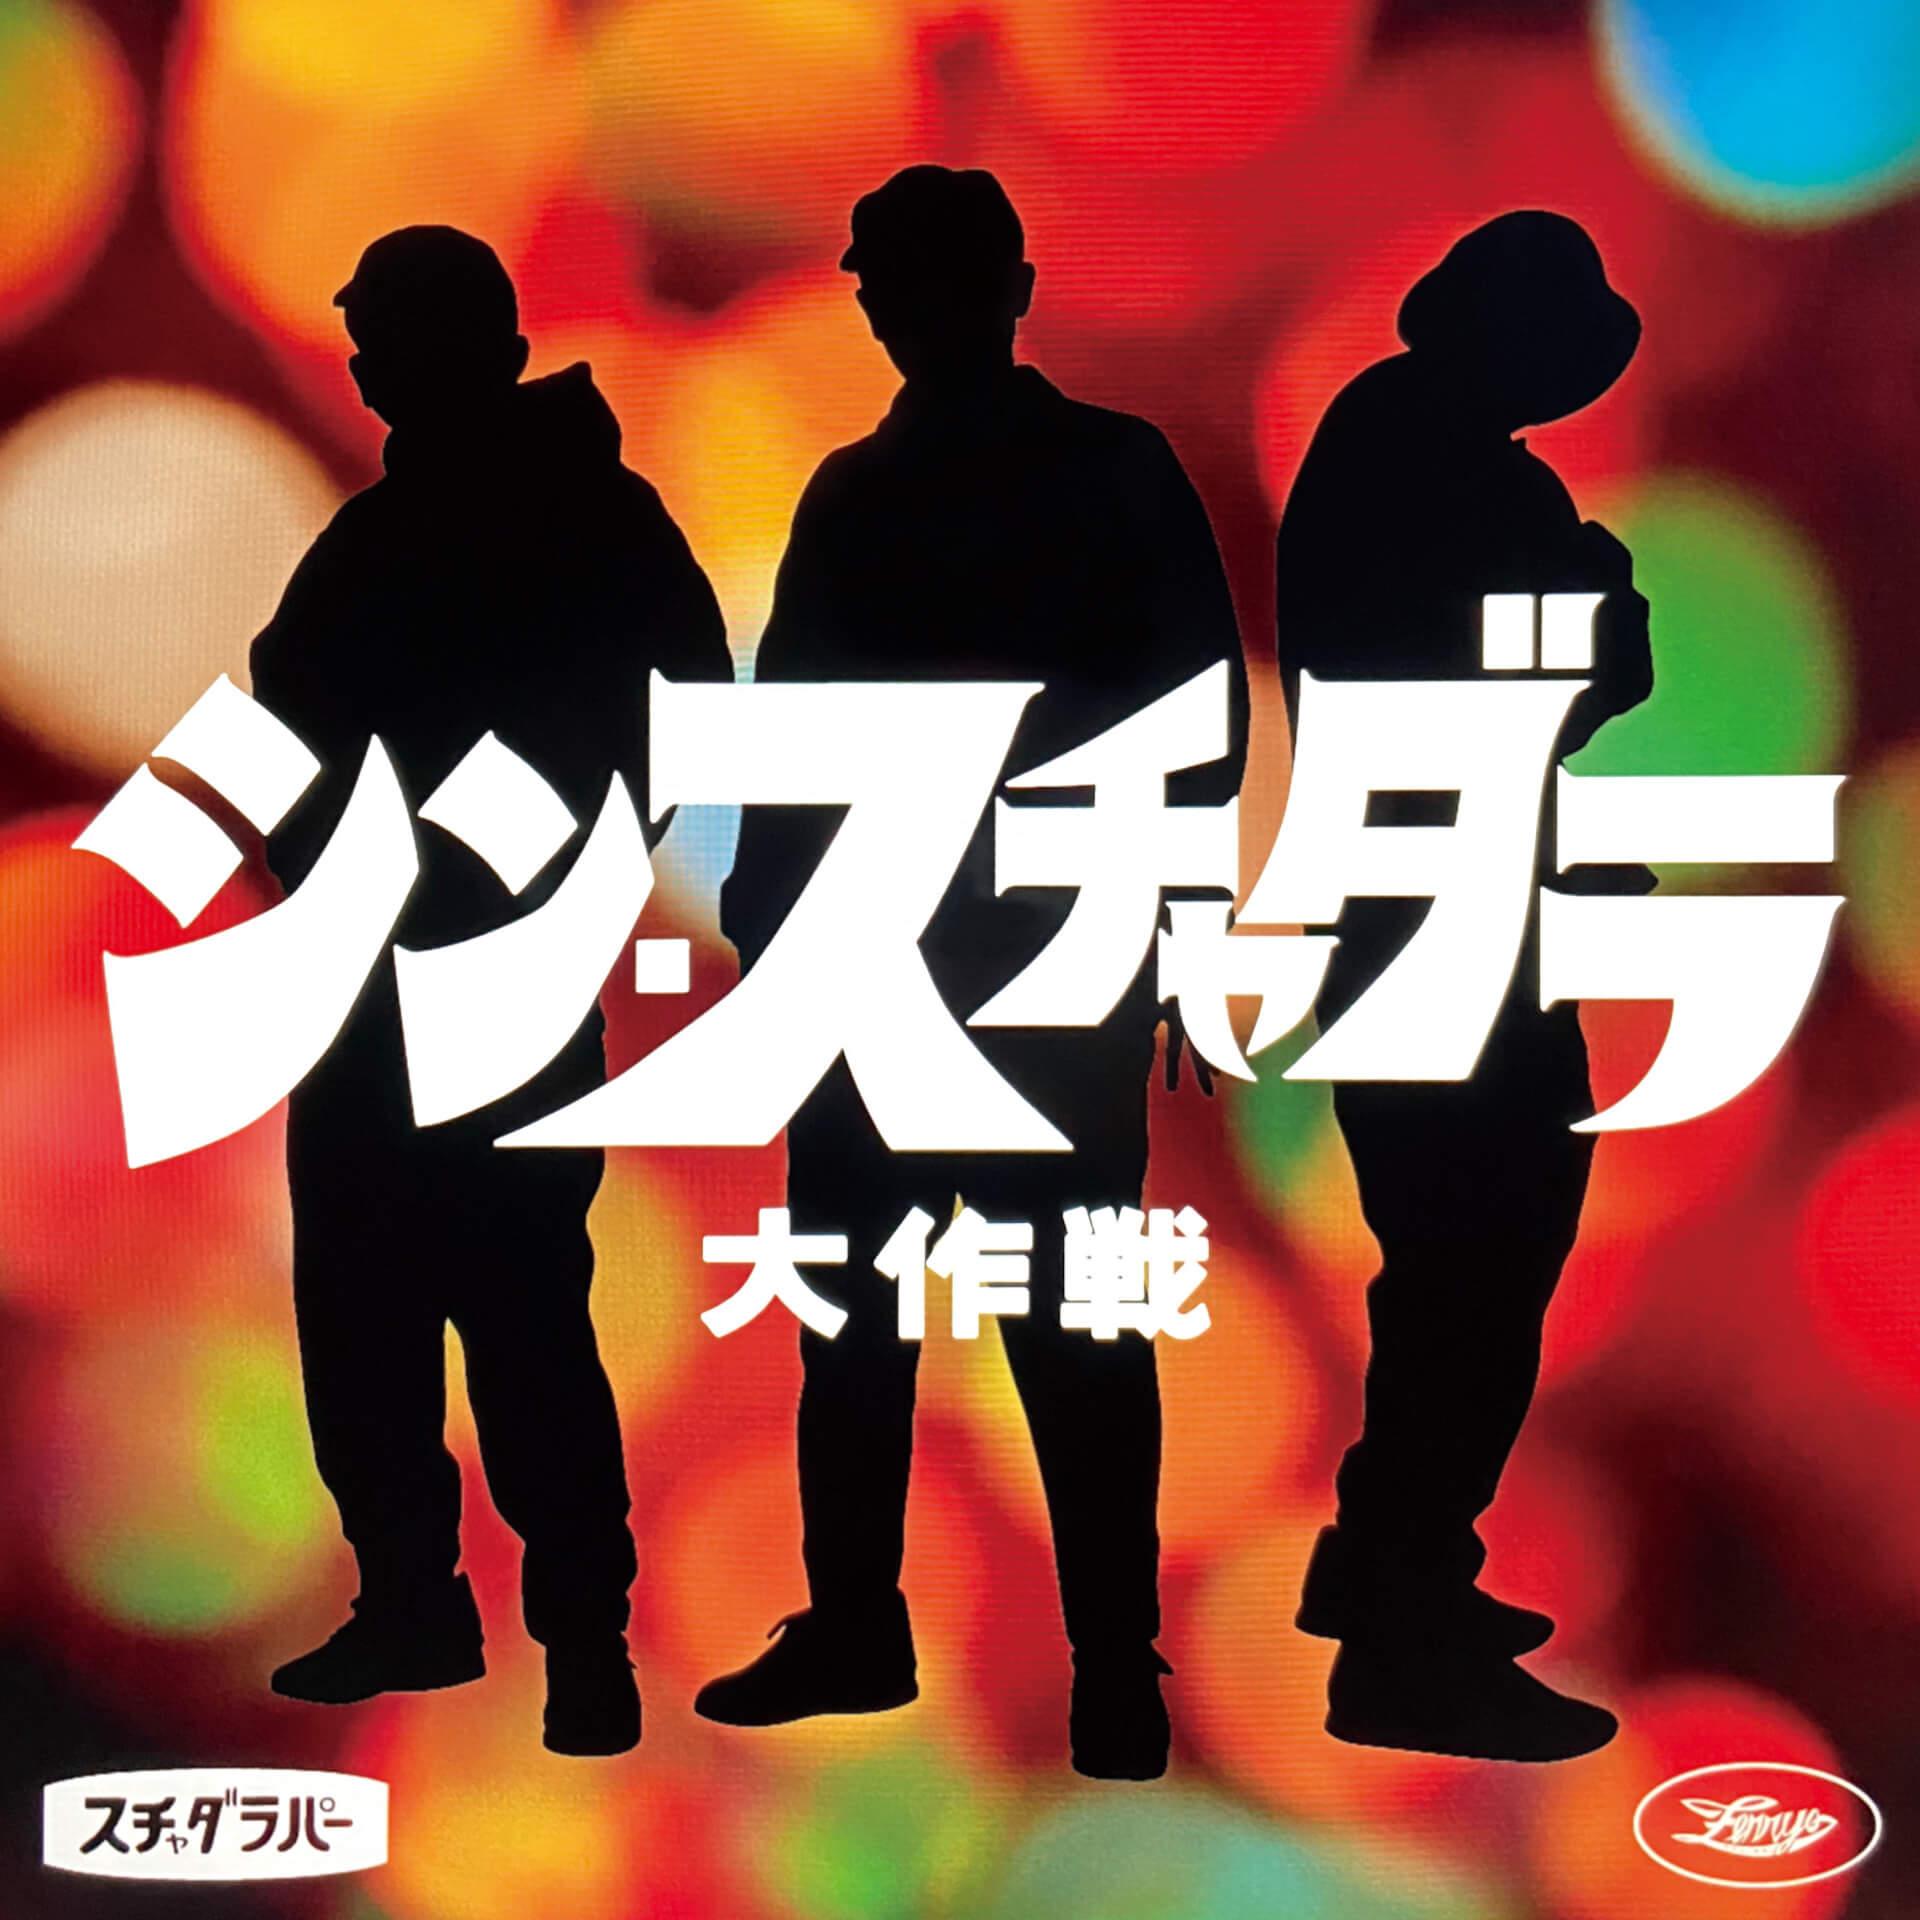 スチャダラパー、デビュー30周年の節目のフルアルバム『シン・スチャダラ大作戦』リリース決定!これまでの楽曲のアレンジ曲を収録した3種の特典CD付き music200228_sdp_2